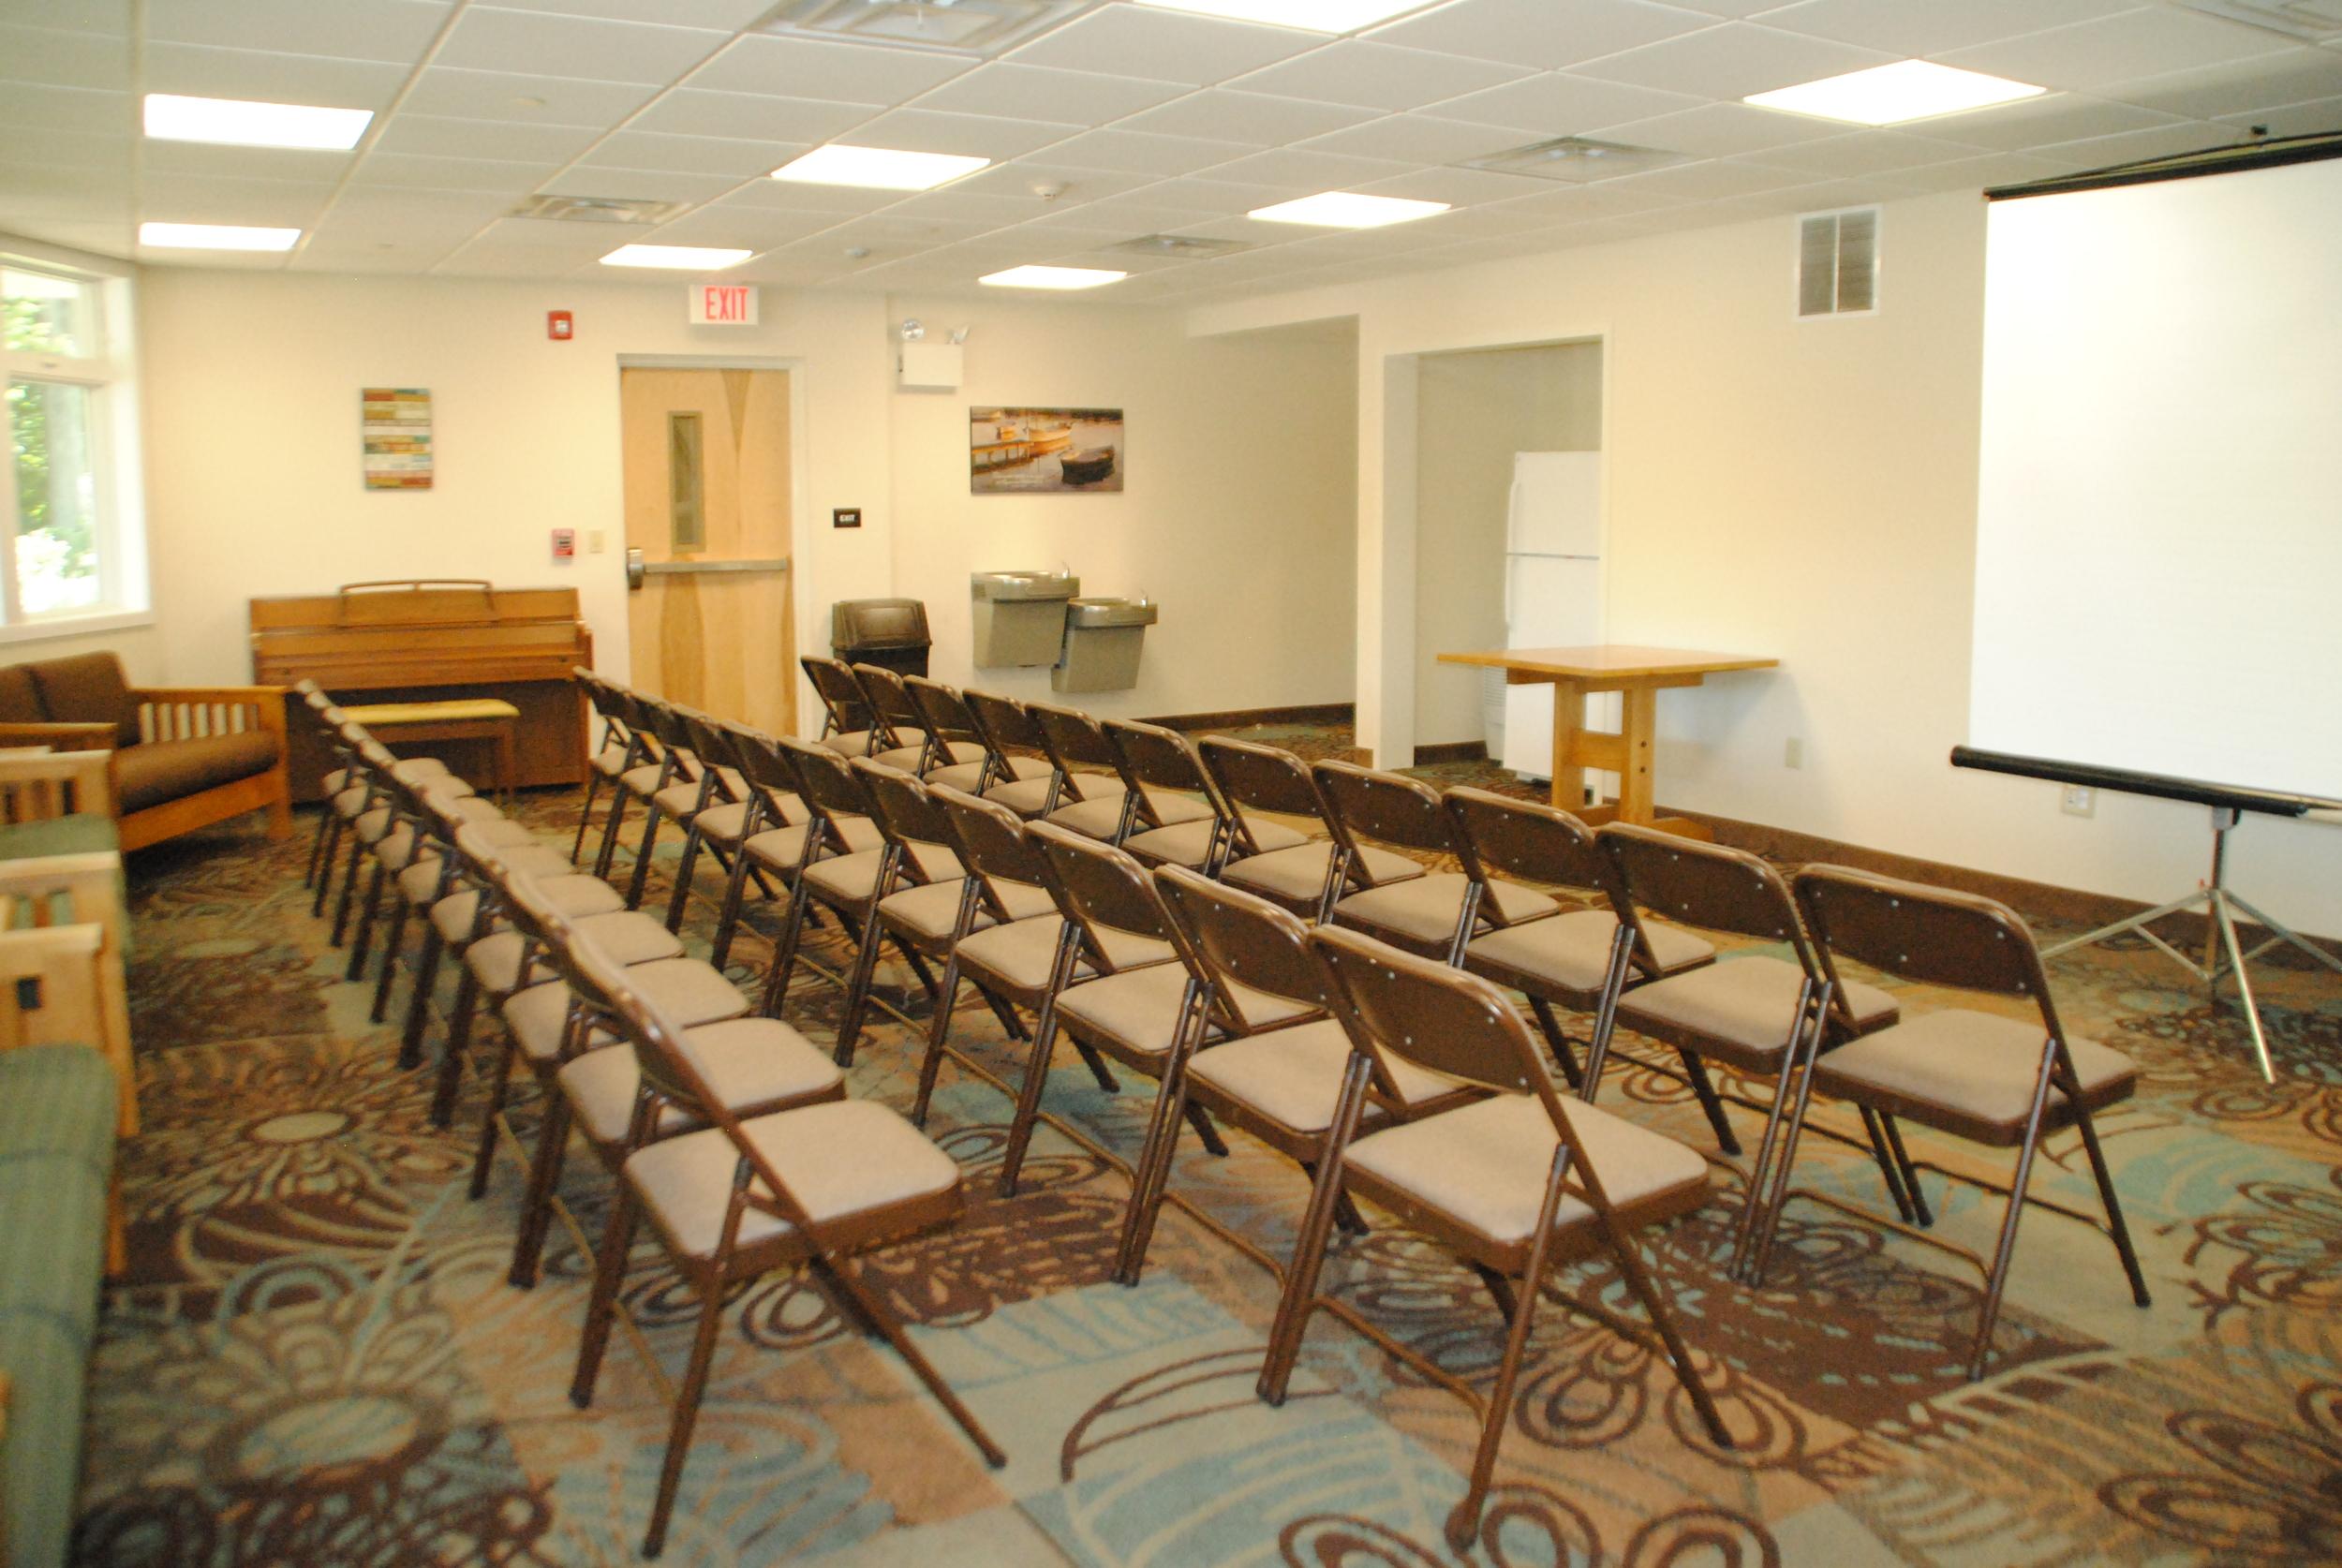 Meeting Room in Overlook Dorms